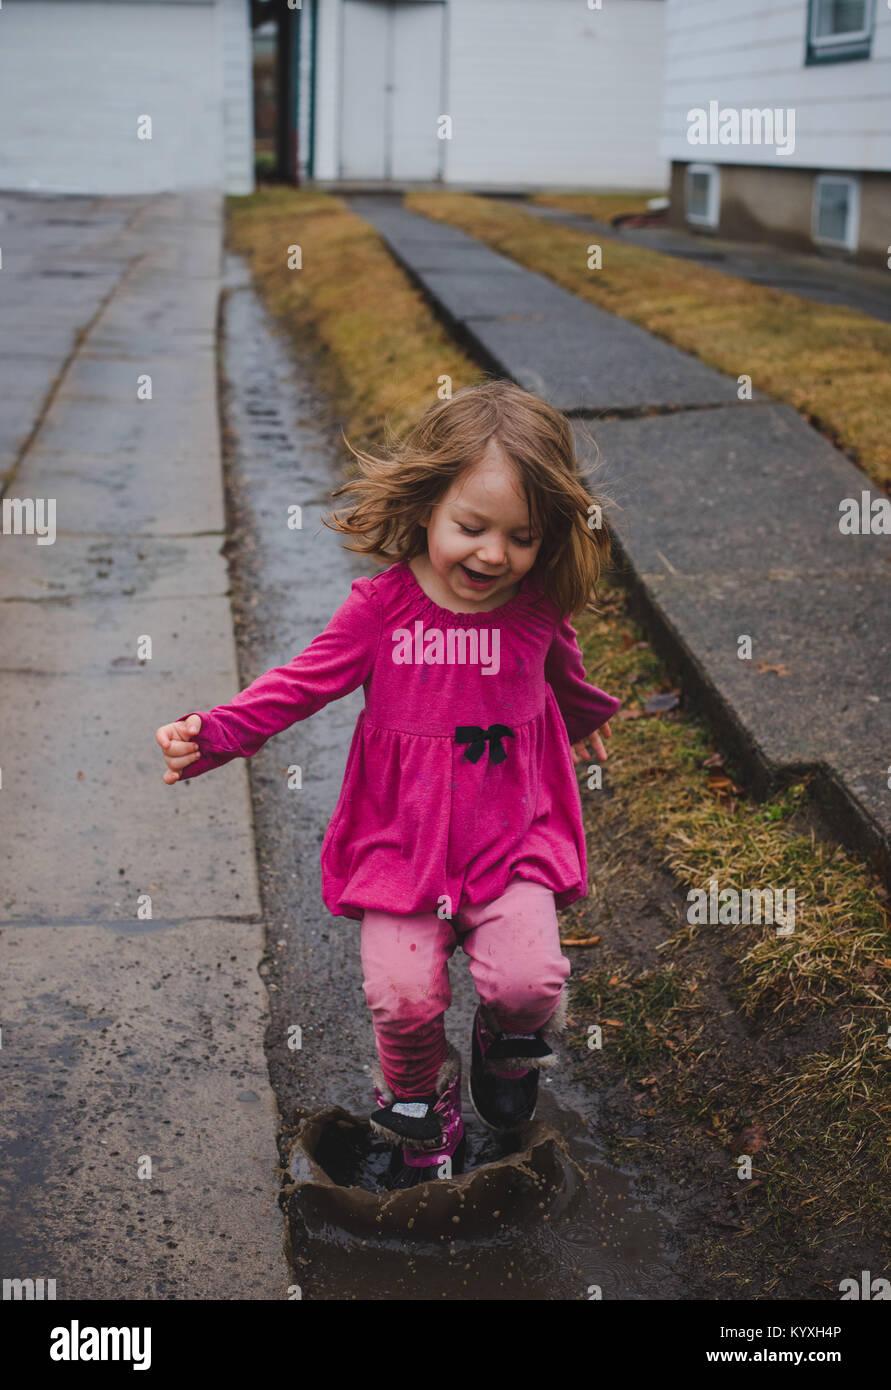 Infante vestida de rosa, saltando en un charco de lodo en un camino en un día lluvioso. Imagen De Stock